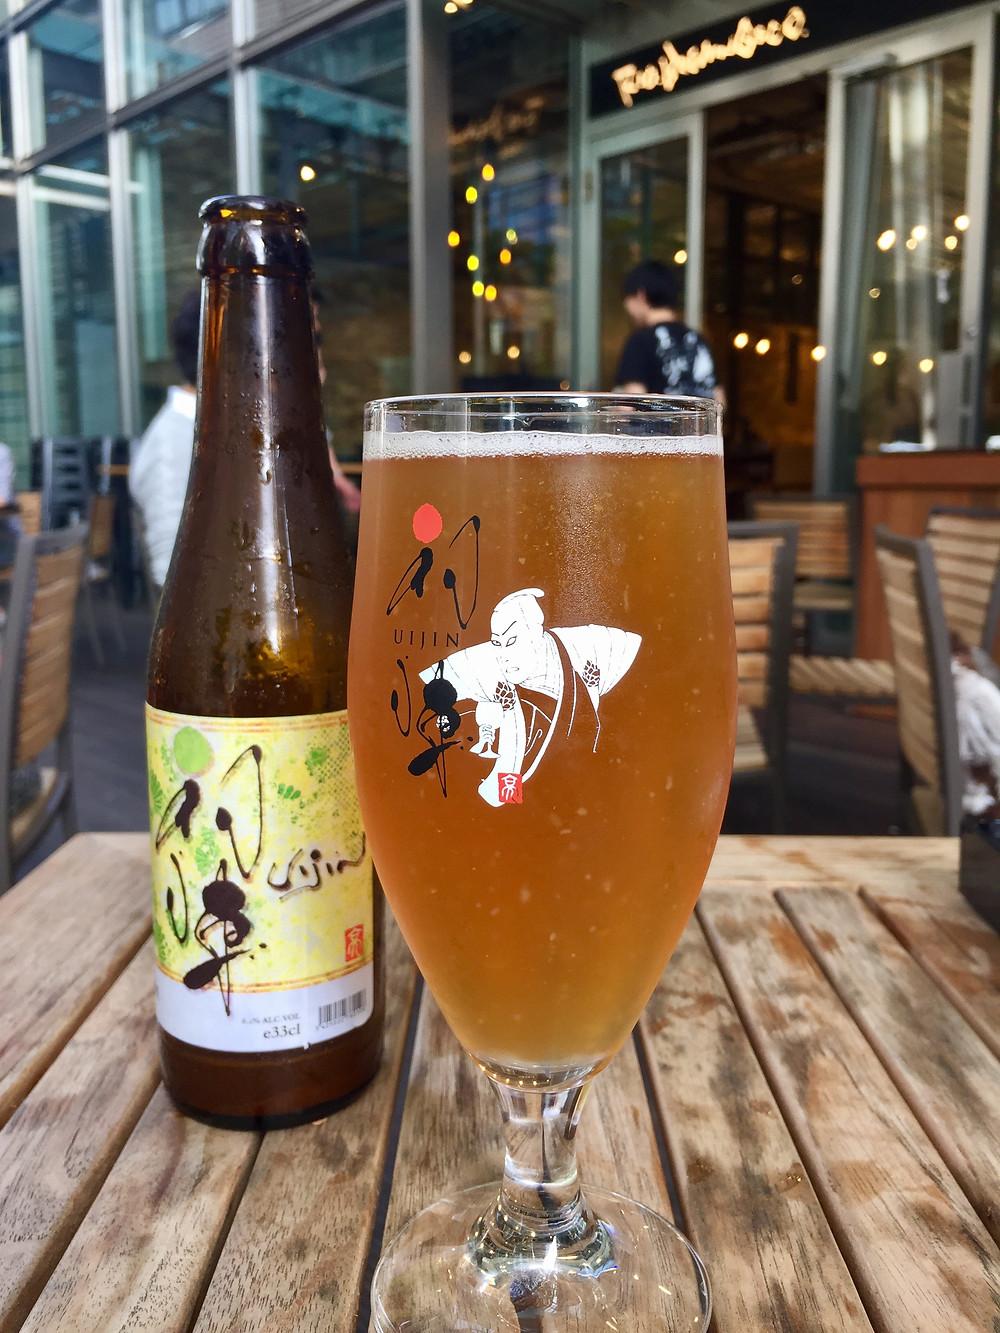 A Yuzu Blond é uma das variedades da cerveja Uijin, produção exclusiva do Rio Brewing & Co.